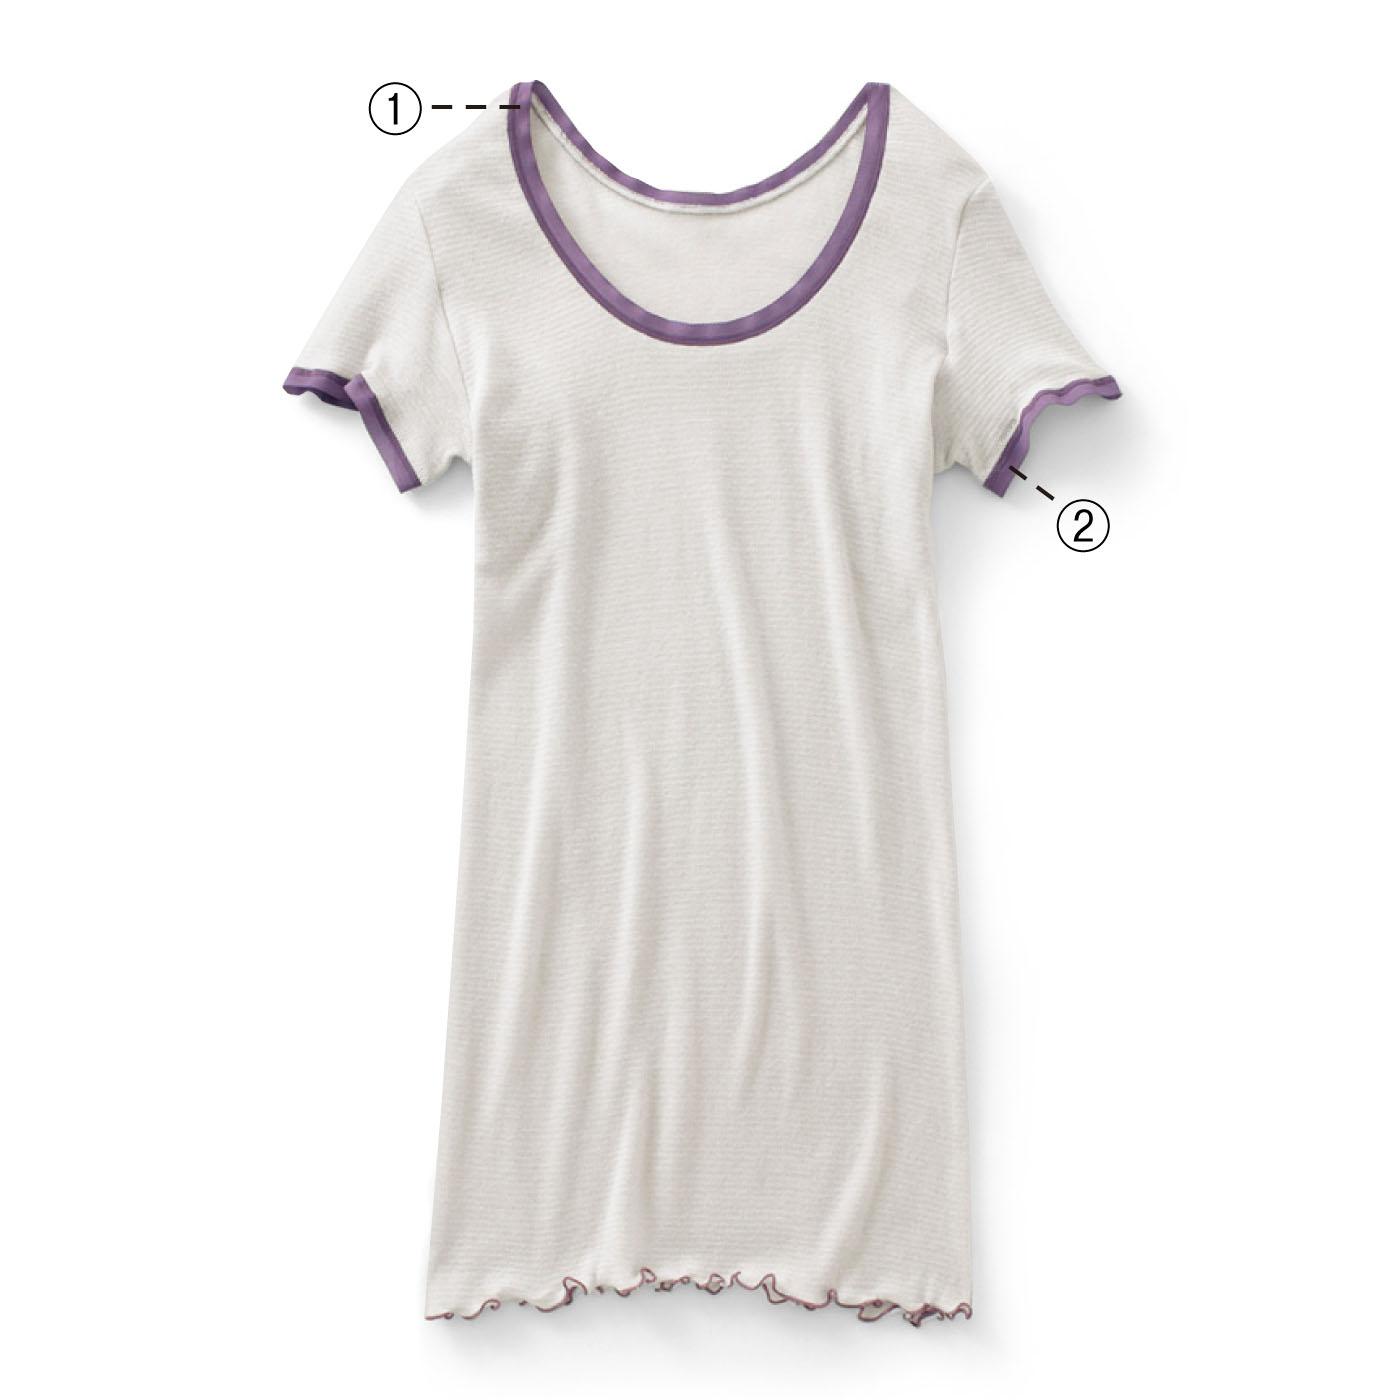 ①広めの衿開きで、首もとすっきり。デコルテもきれいに見えます。 ②袖口は薄手で伸びのよい平ゴムでくい込みにくく、ひびきにくいのも◎。